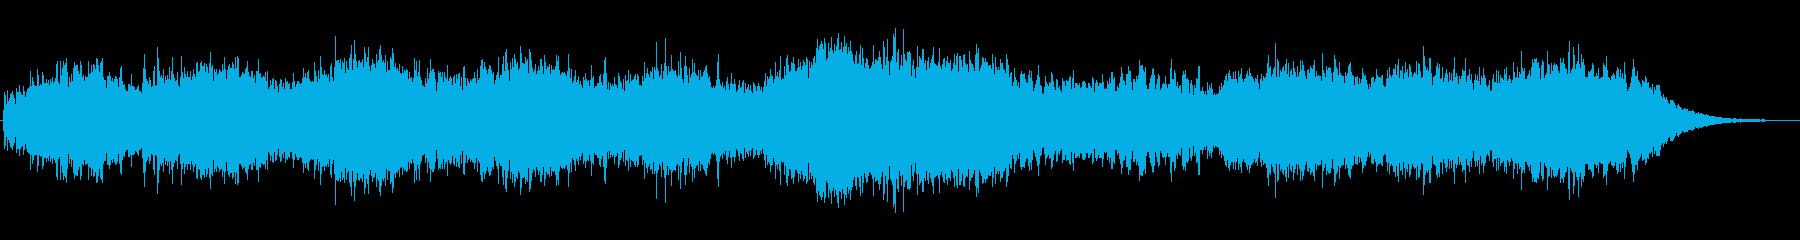 海の中をゆっくり進んでいくようなBGMの再生済みの波形